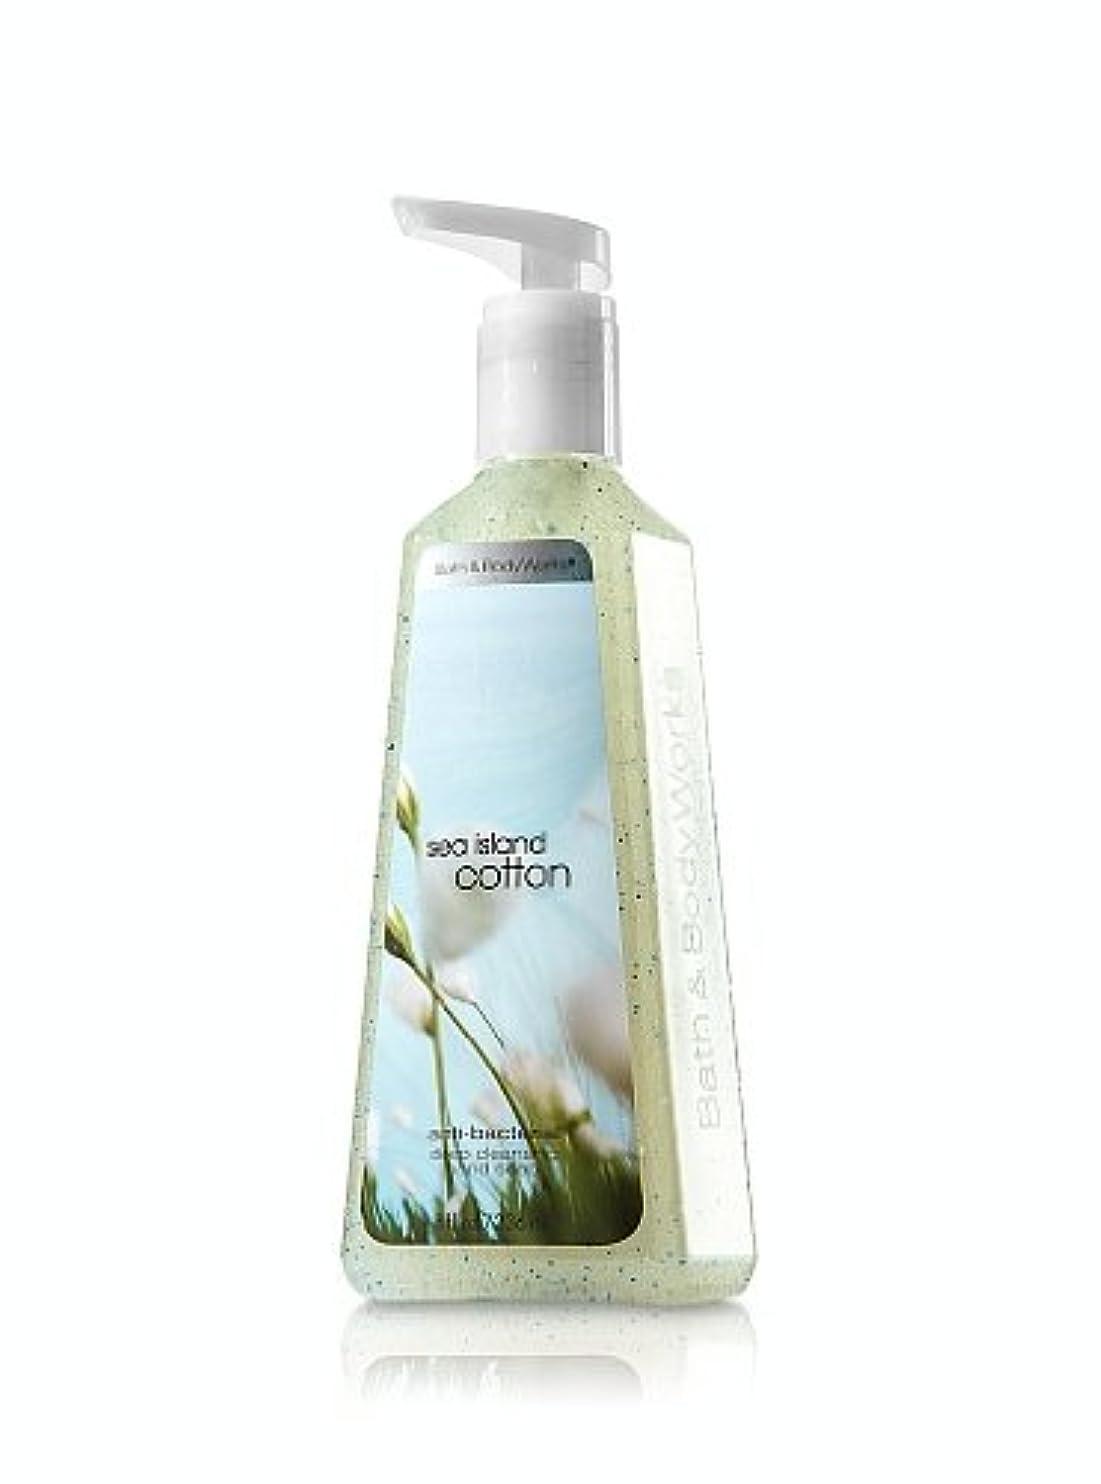 移行する風邪をひく受付バス&ボディワークス シーアイランドコットン ディープクレンジングハンドソープ Sea Island Cotton Deep Cleansing Hand Soap [並行輸入品]